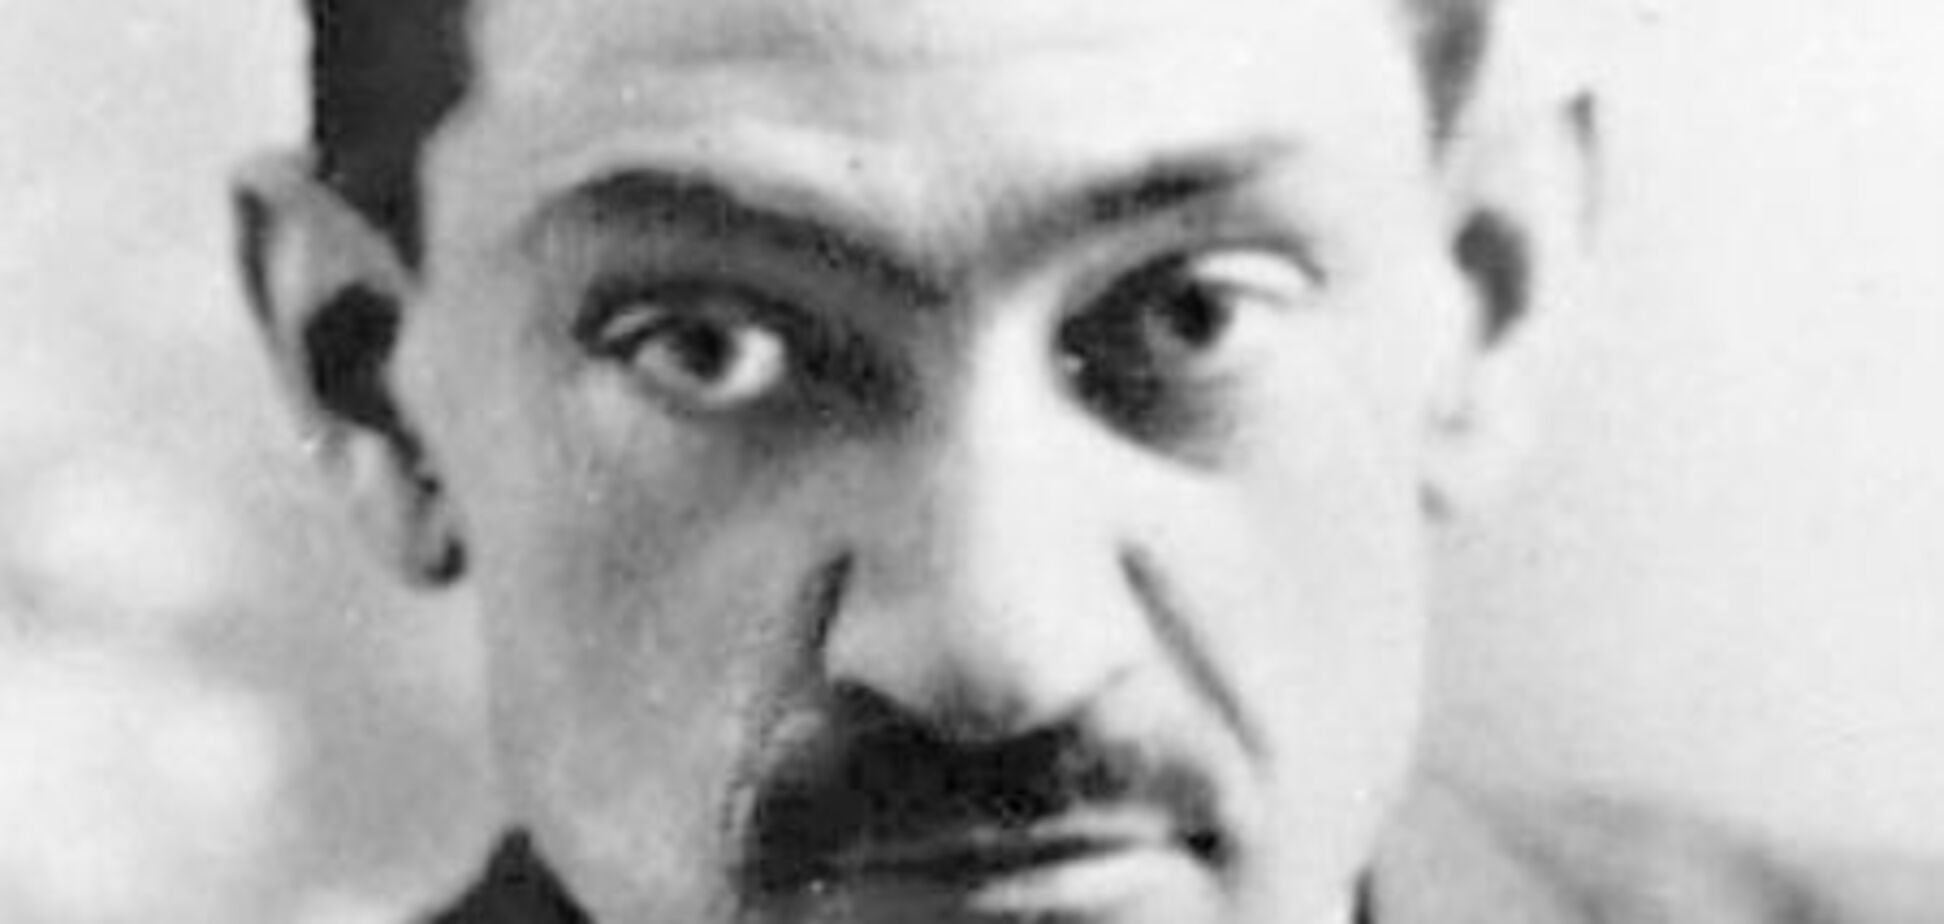 ''Ж*дівський дух!'' Київ втягнули у міжнародний антисемітський скандал